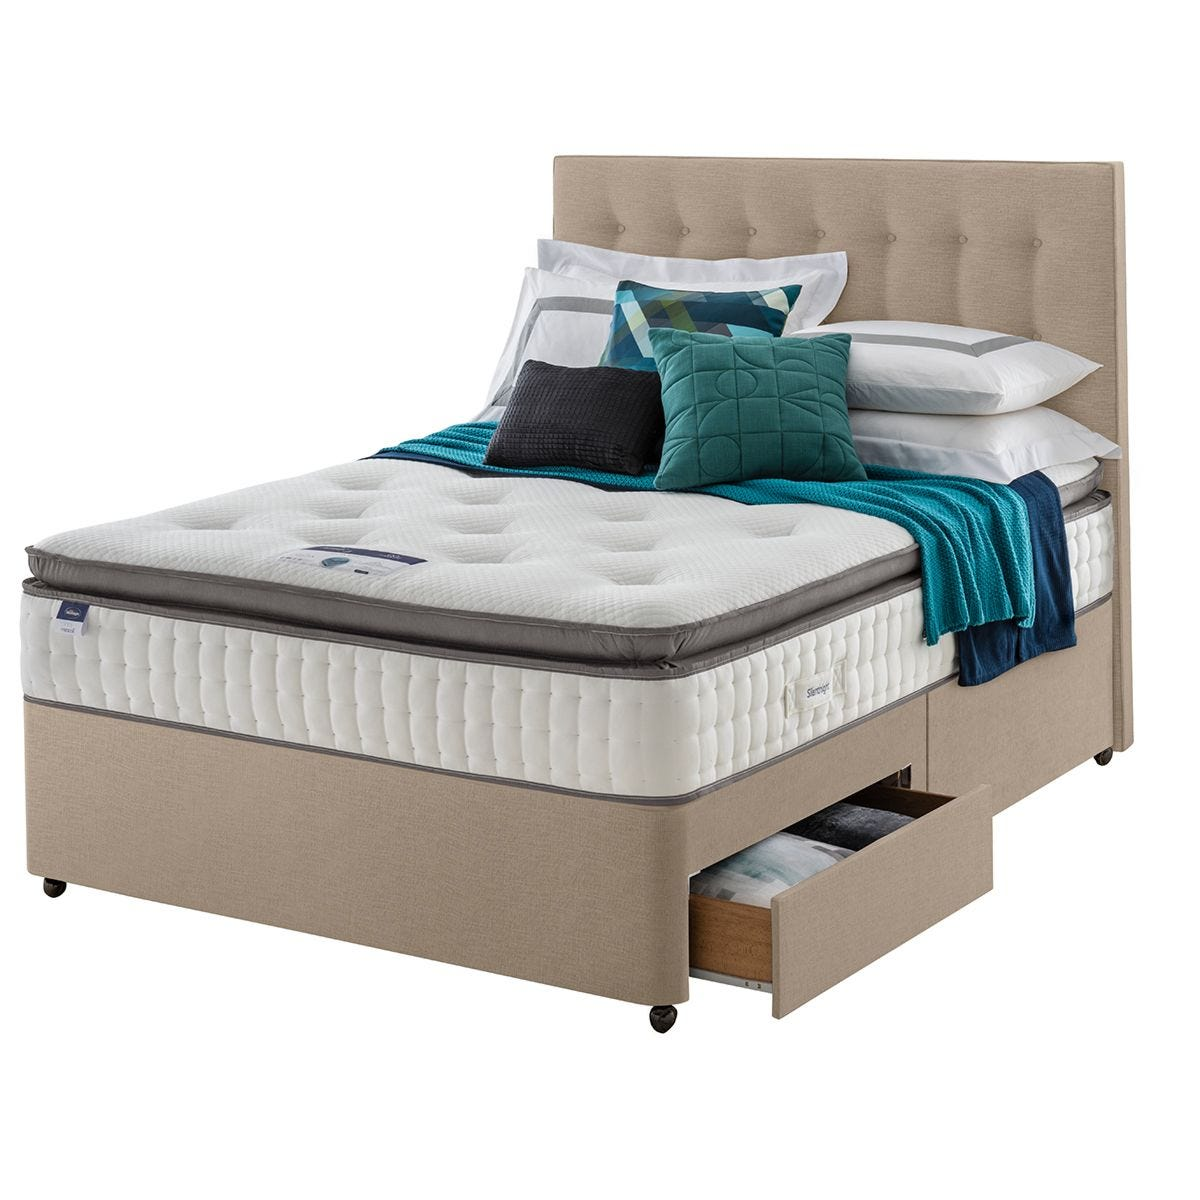 Silentnight Miracoil Geltex 2 Drawer Divan Bed - Sandstone